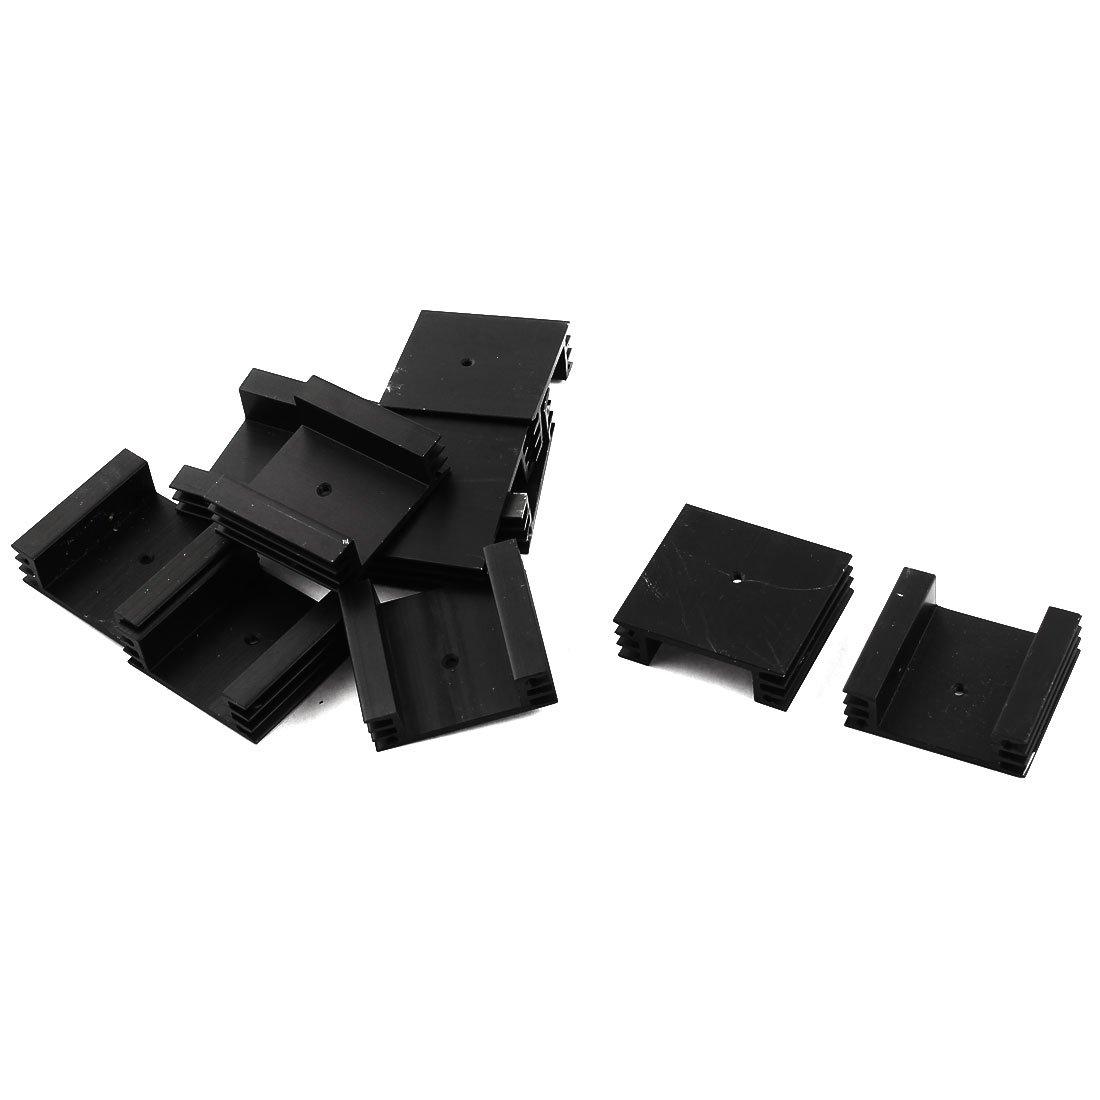 uxcell 10Pcs Aluminum Heat Radiator Heatsink Cooling Fin 44.3x40x13.6mm Black